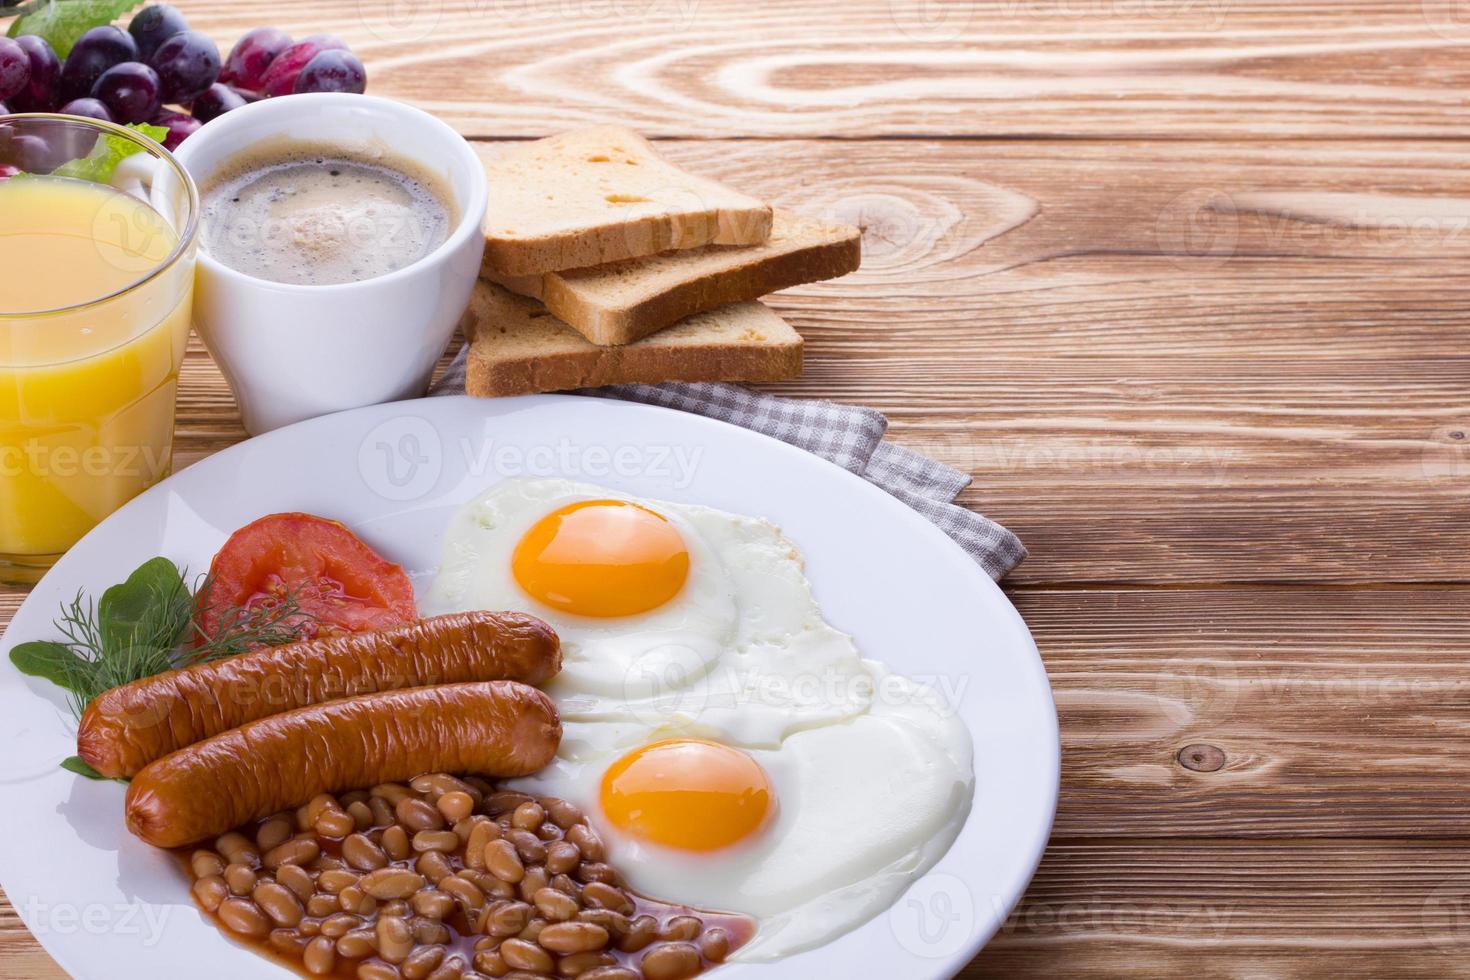 komplettes englisches Frühstück foto